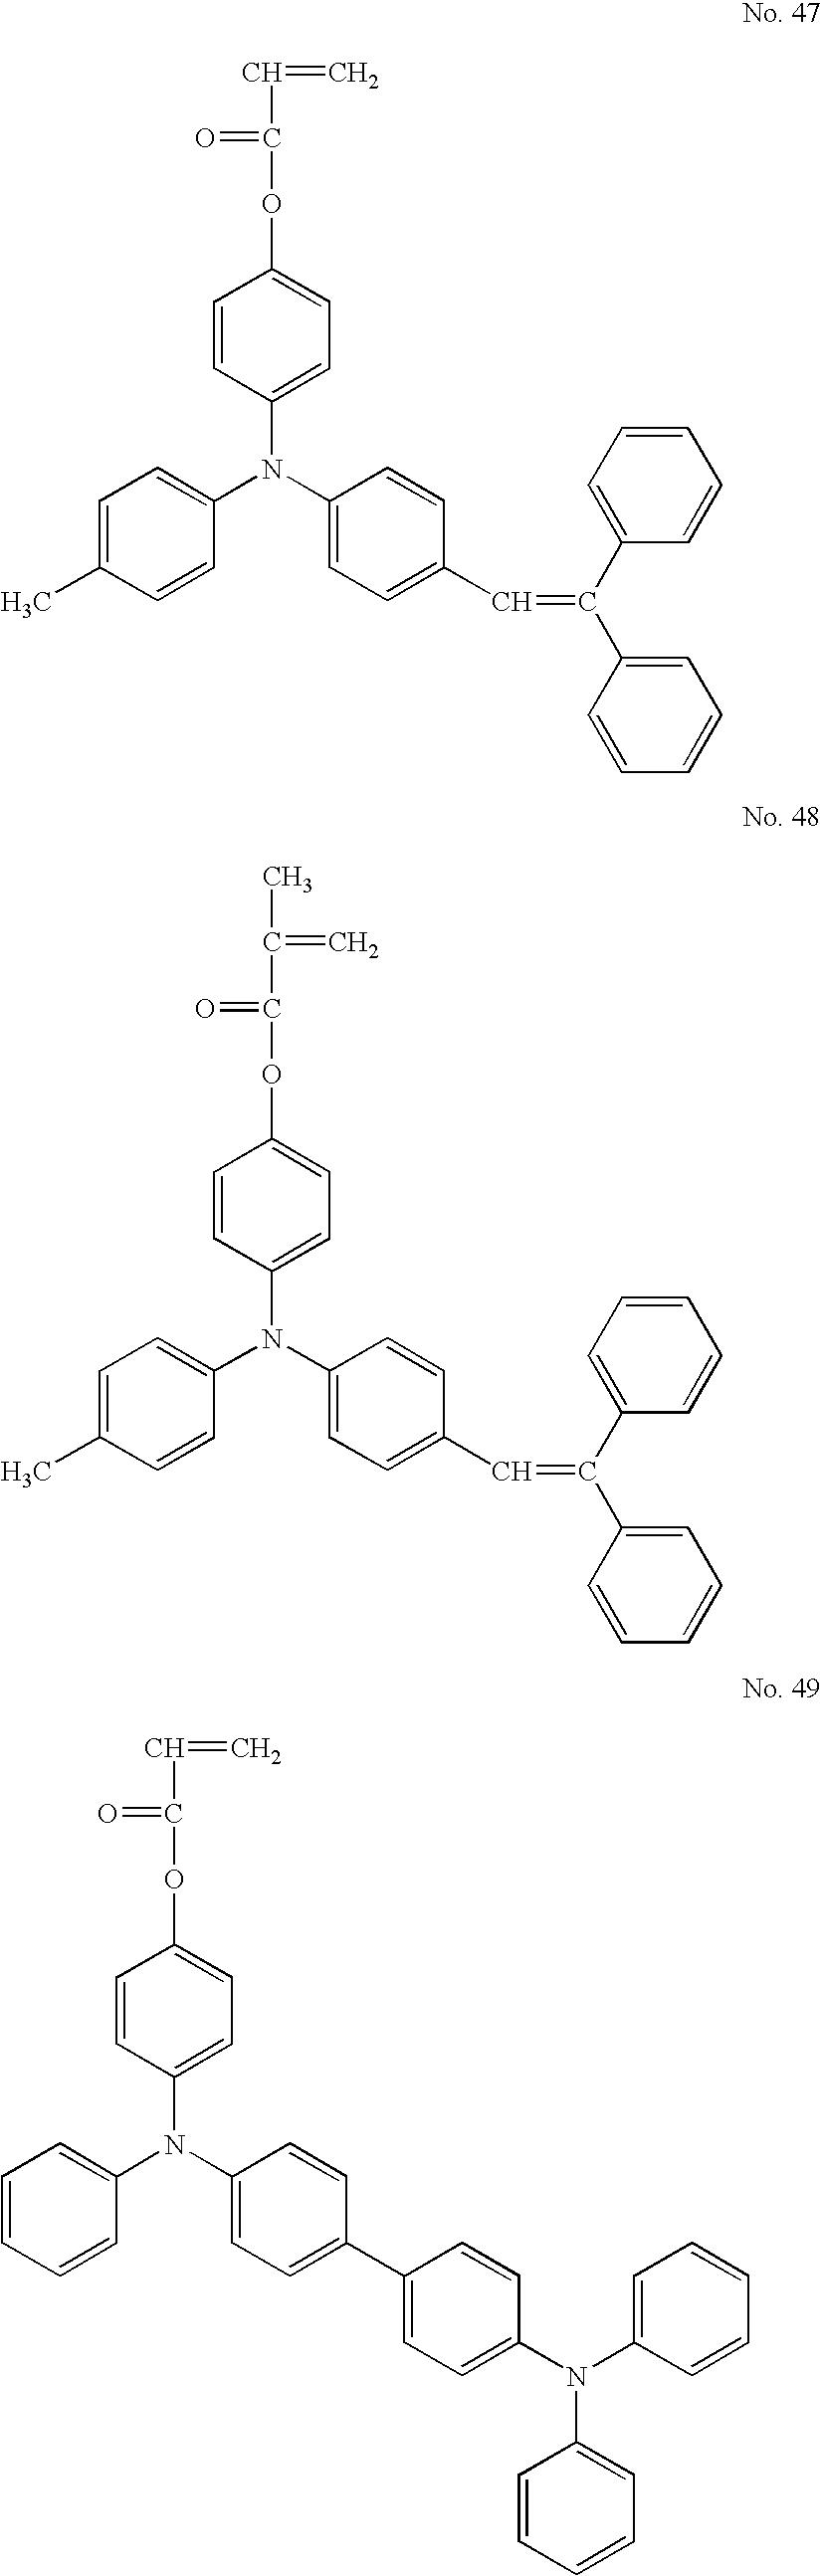 Figure US07824830-20101102-C00031